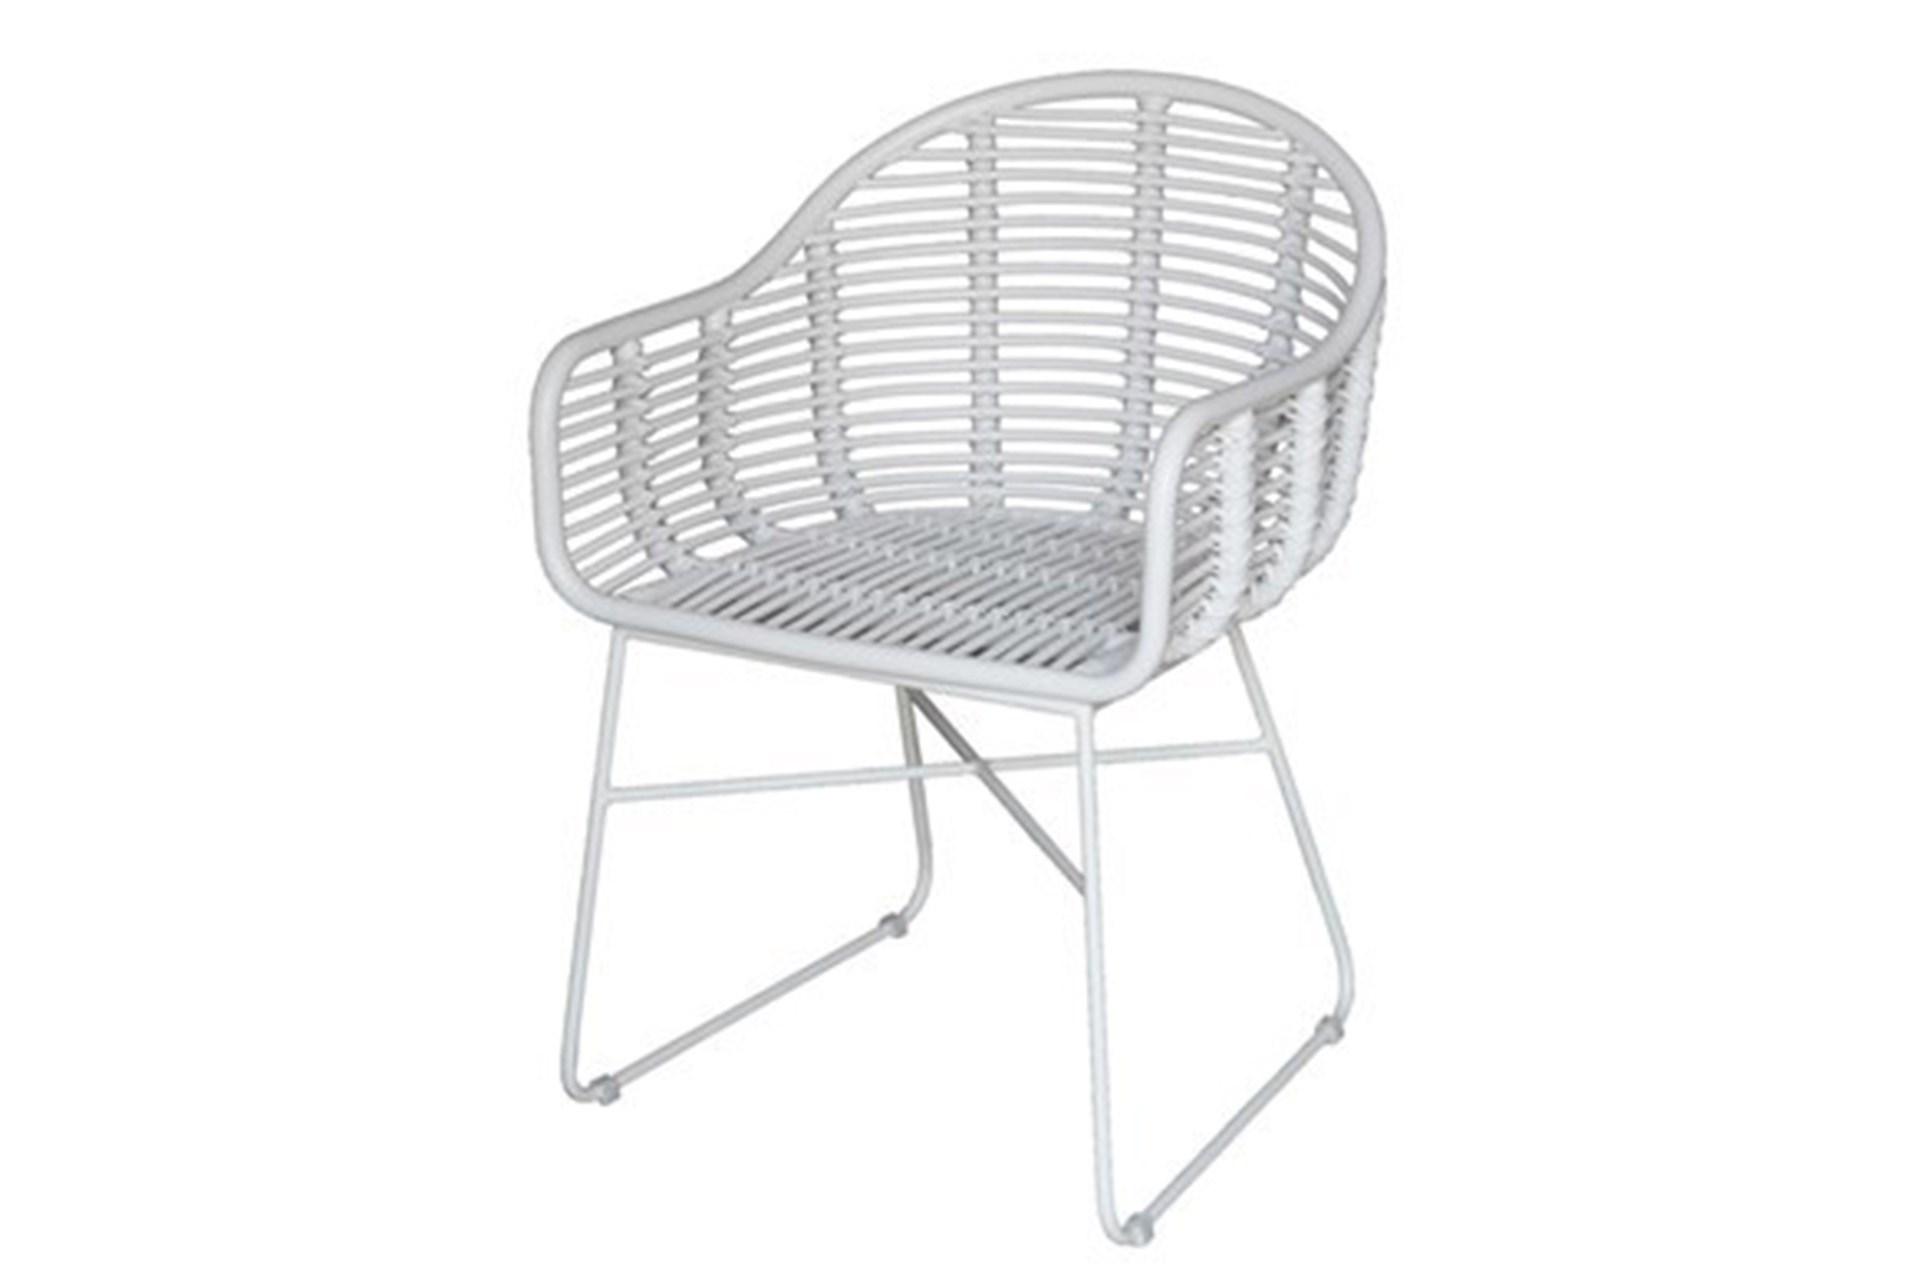 Surprising White Modern Wicker Chair Inzonedesignstudio Interior Chair Design Inzonedesignstudiocom